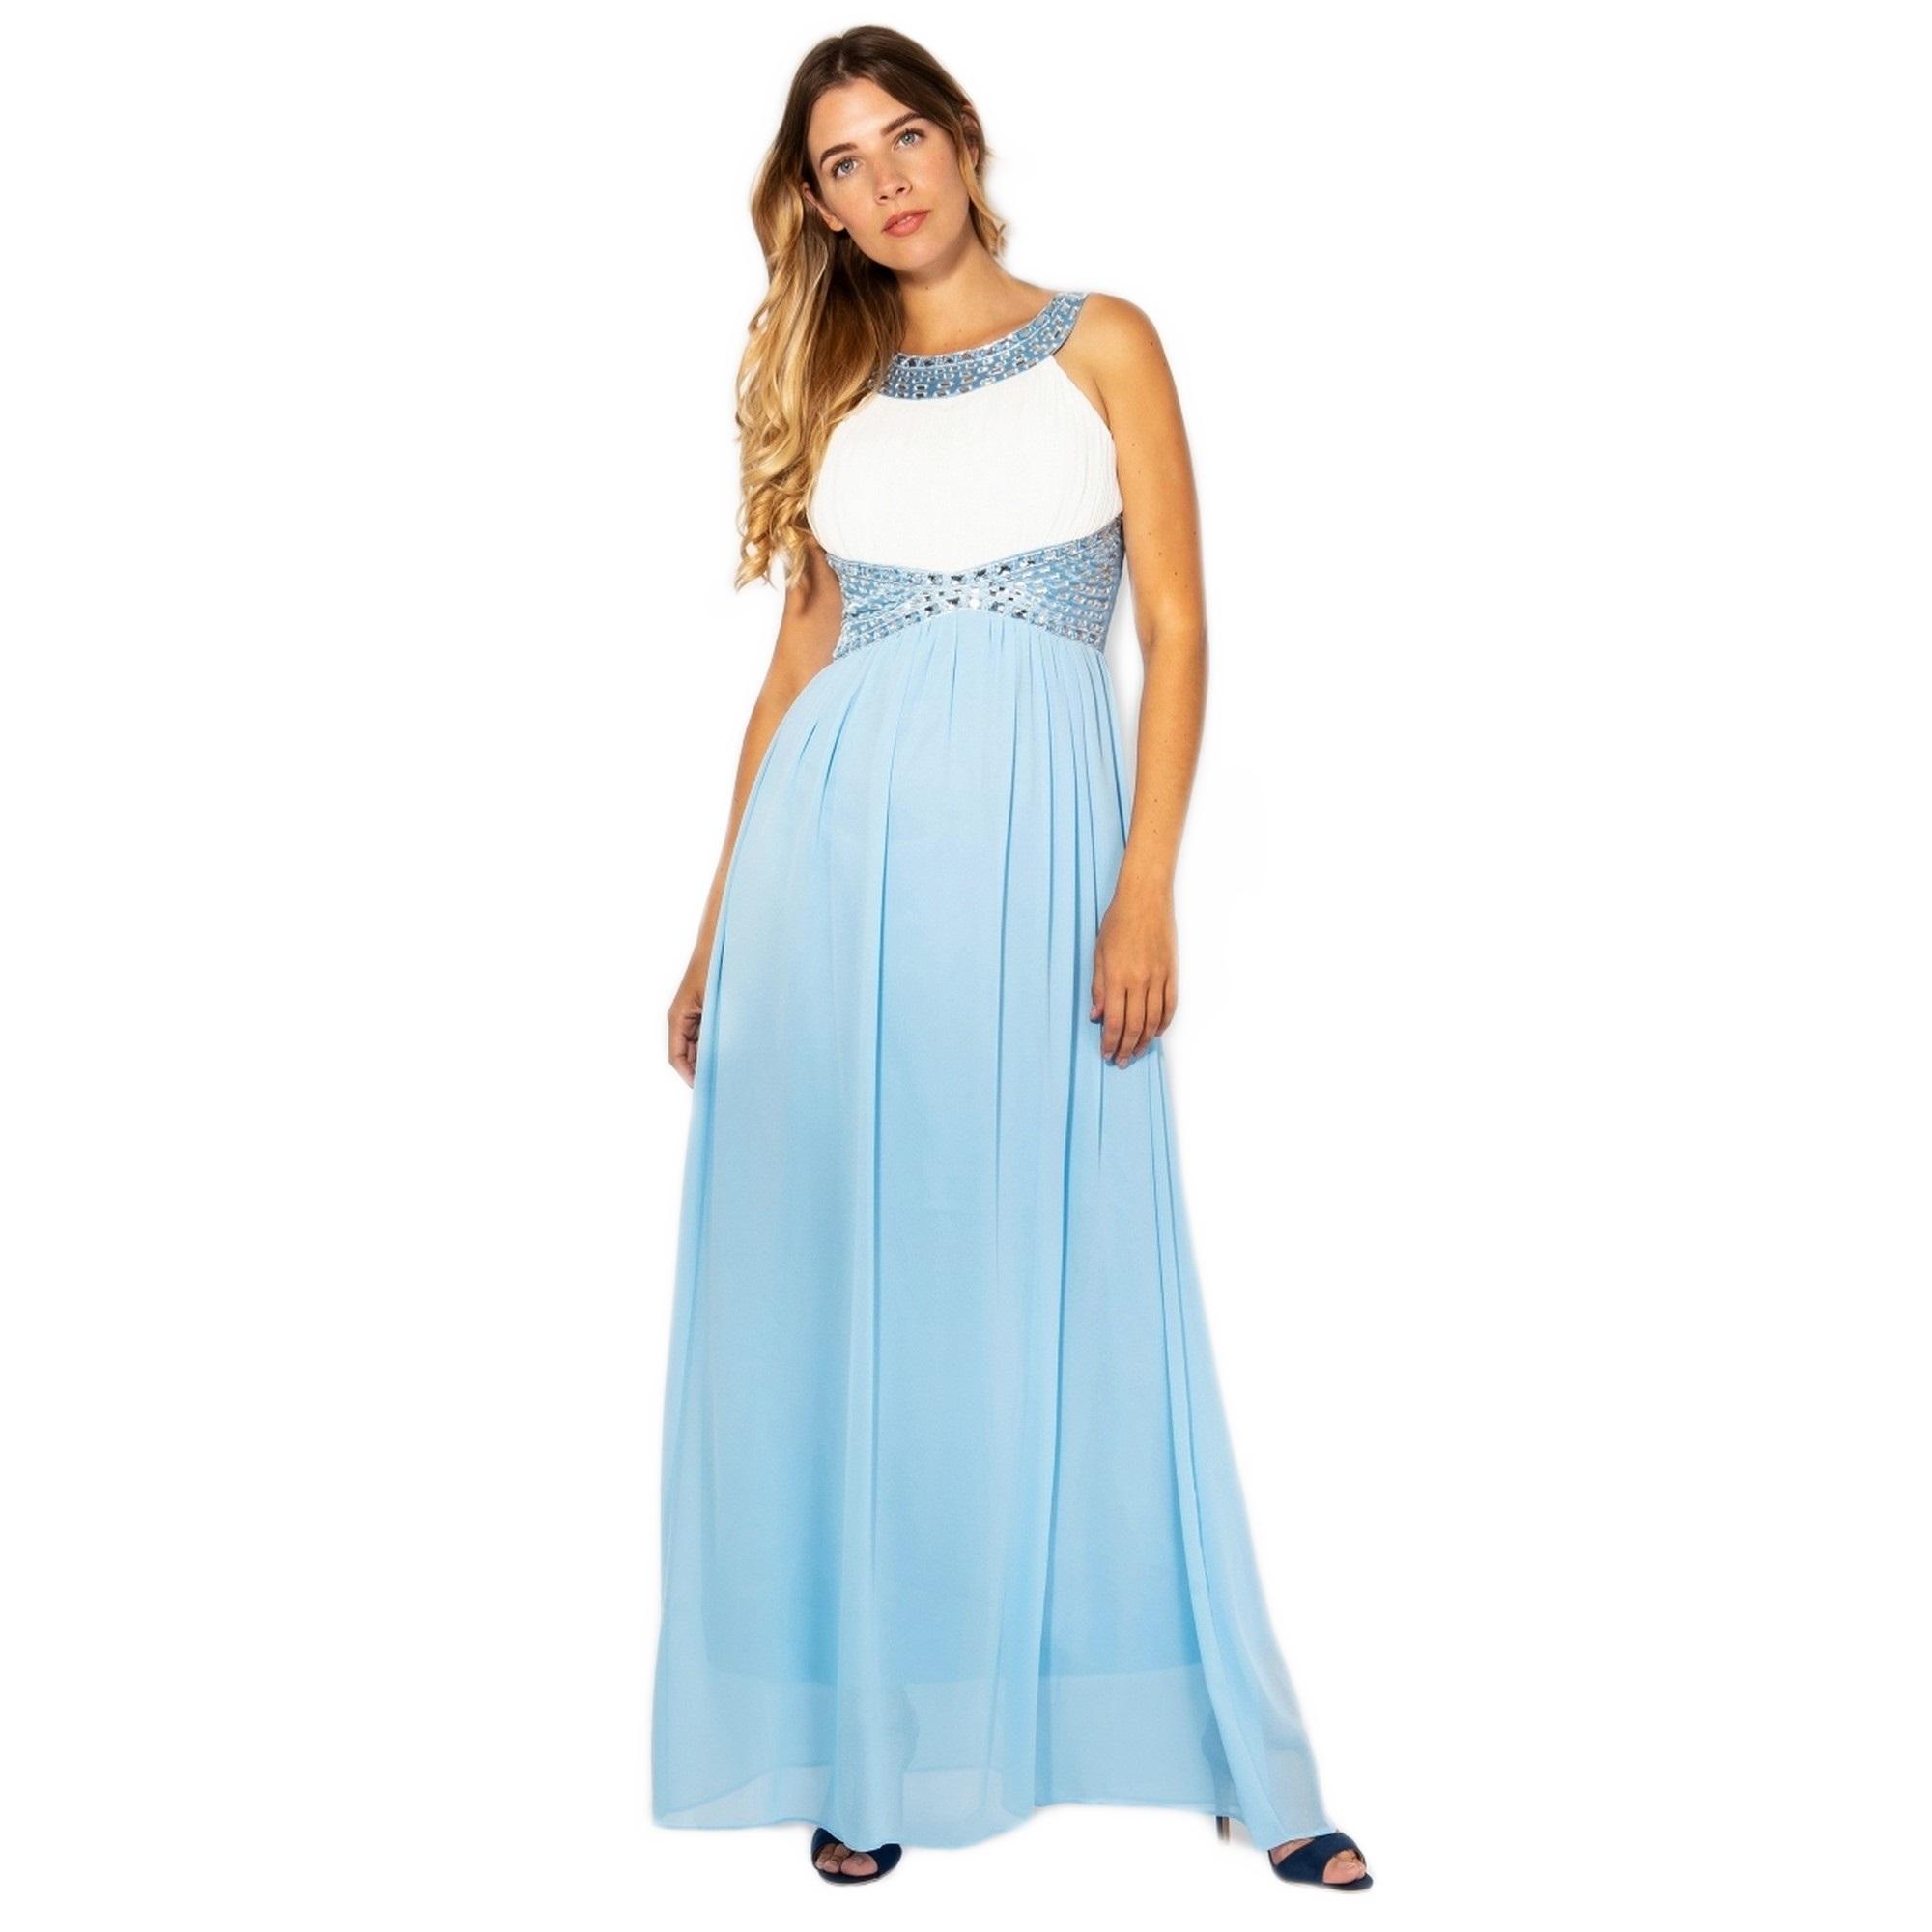 Krisp Womens/Ladies Contrast Diamante Evening Maxi Dress (8 UK) (Cream/Aqua Blue)